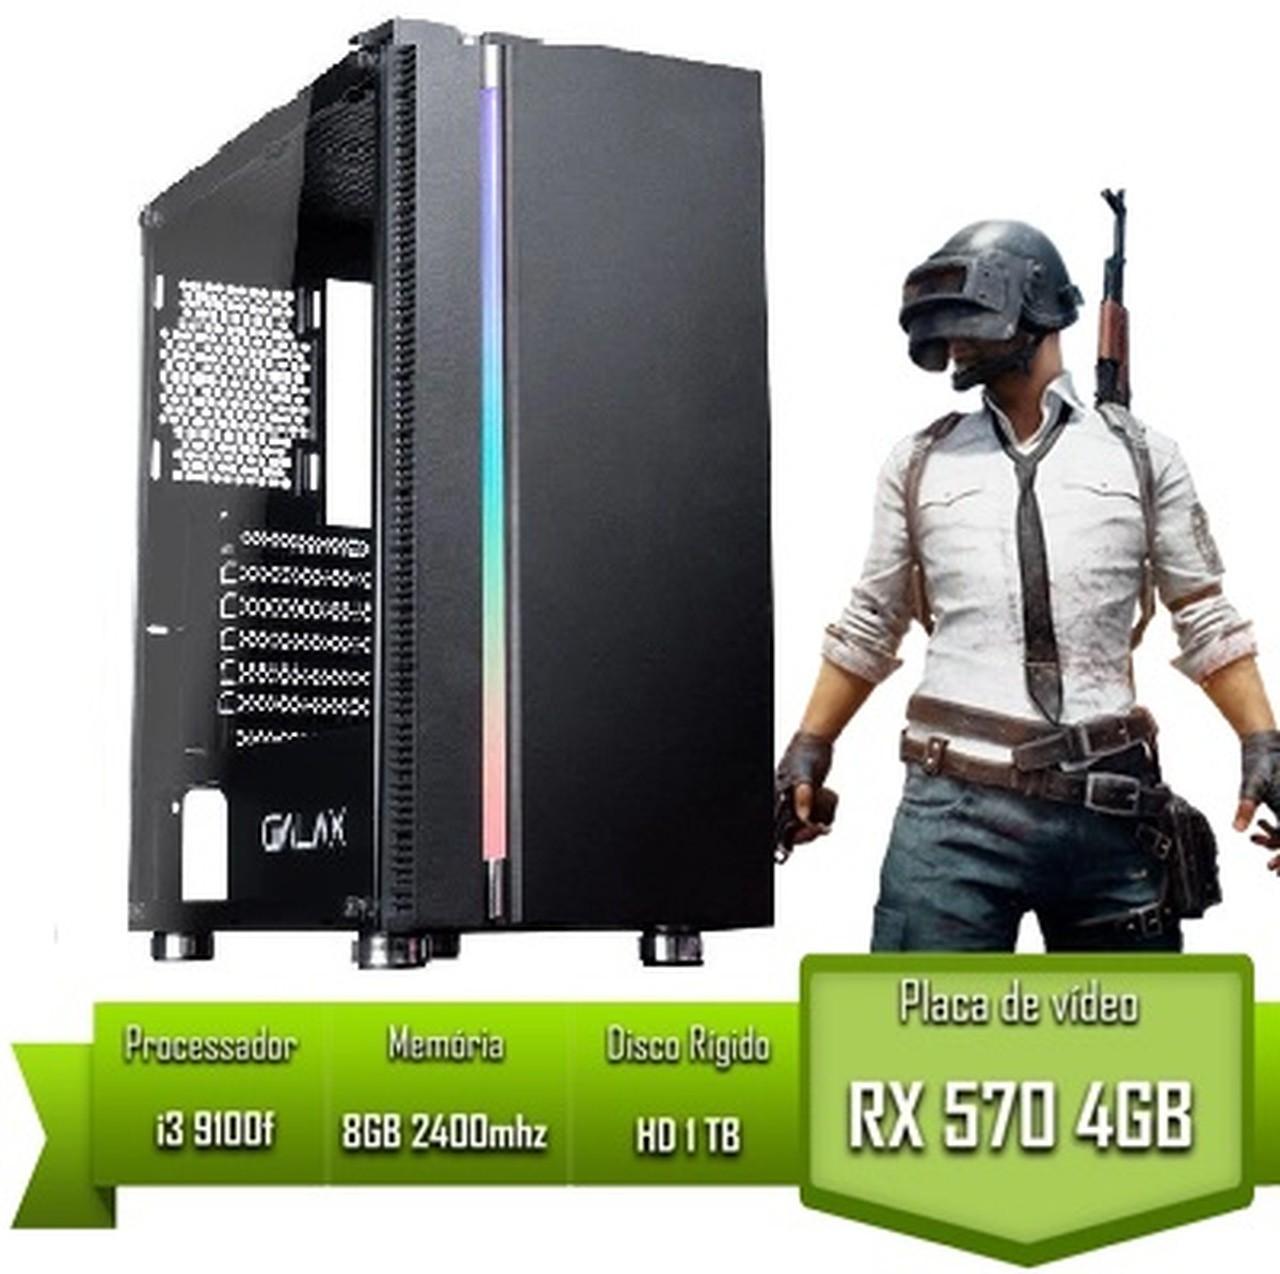 PC Gamer Intel i3 9100f / RX 570 4GB / 8GB 2400mhz / HD 1Tb